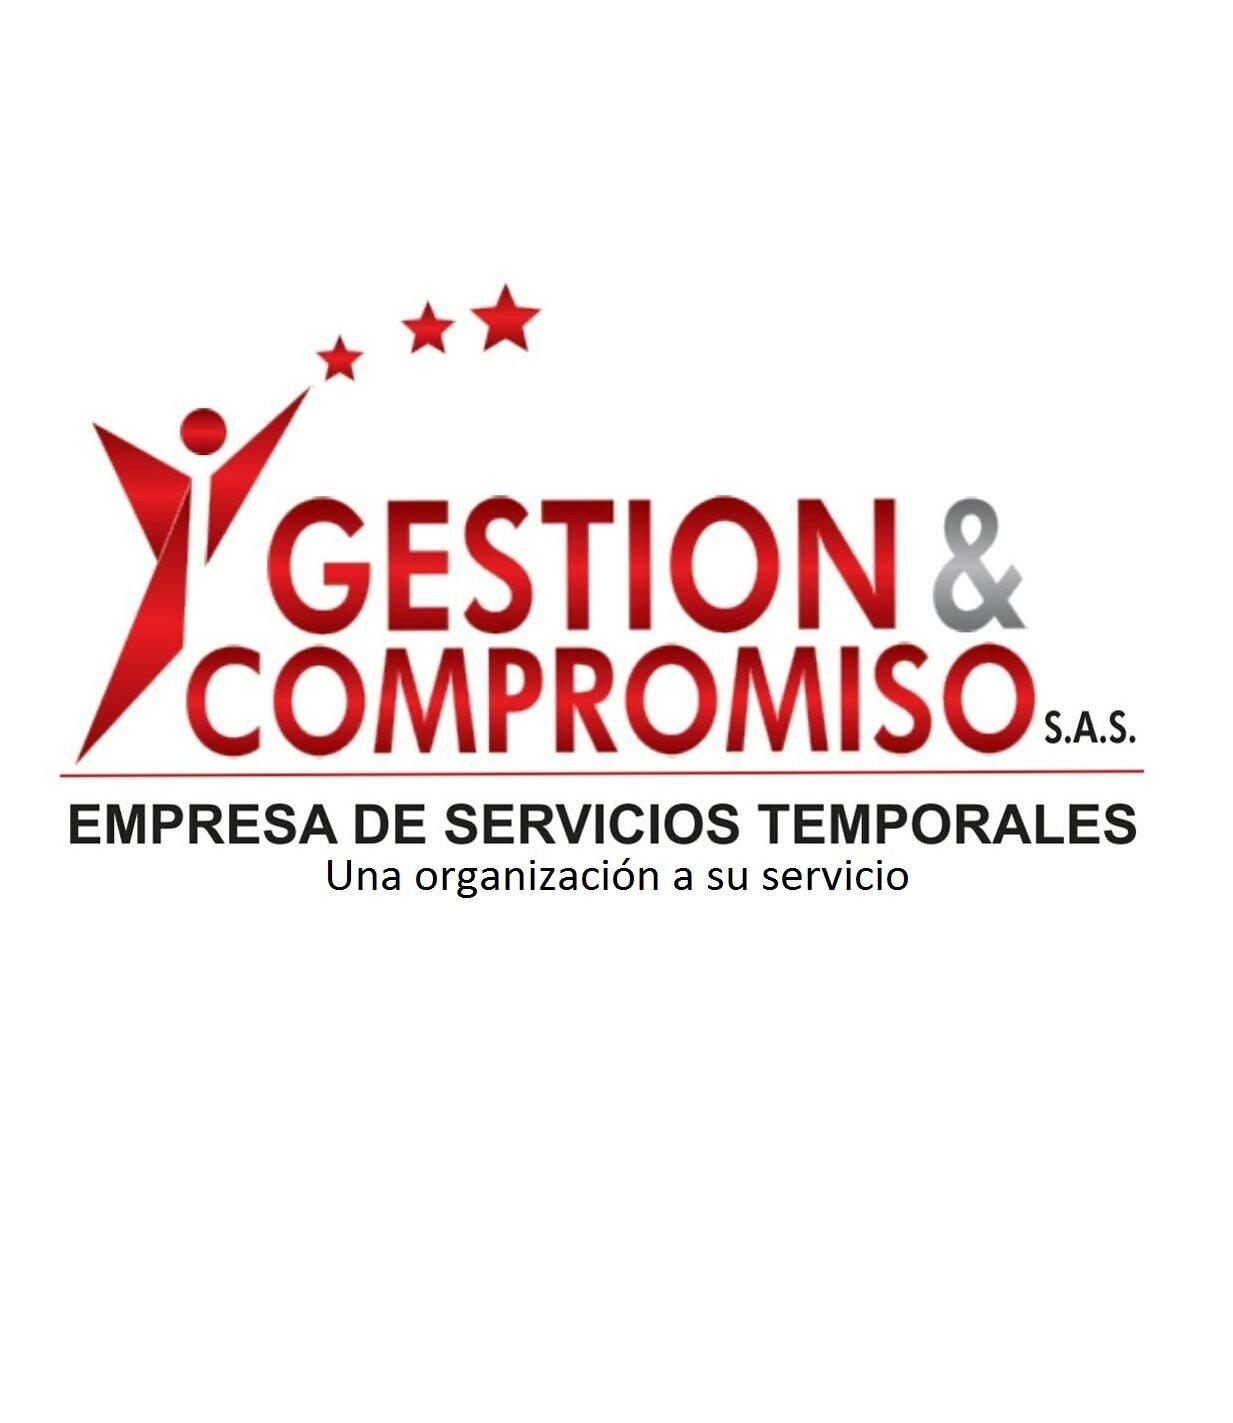 GESTION Y COMPROMISO